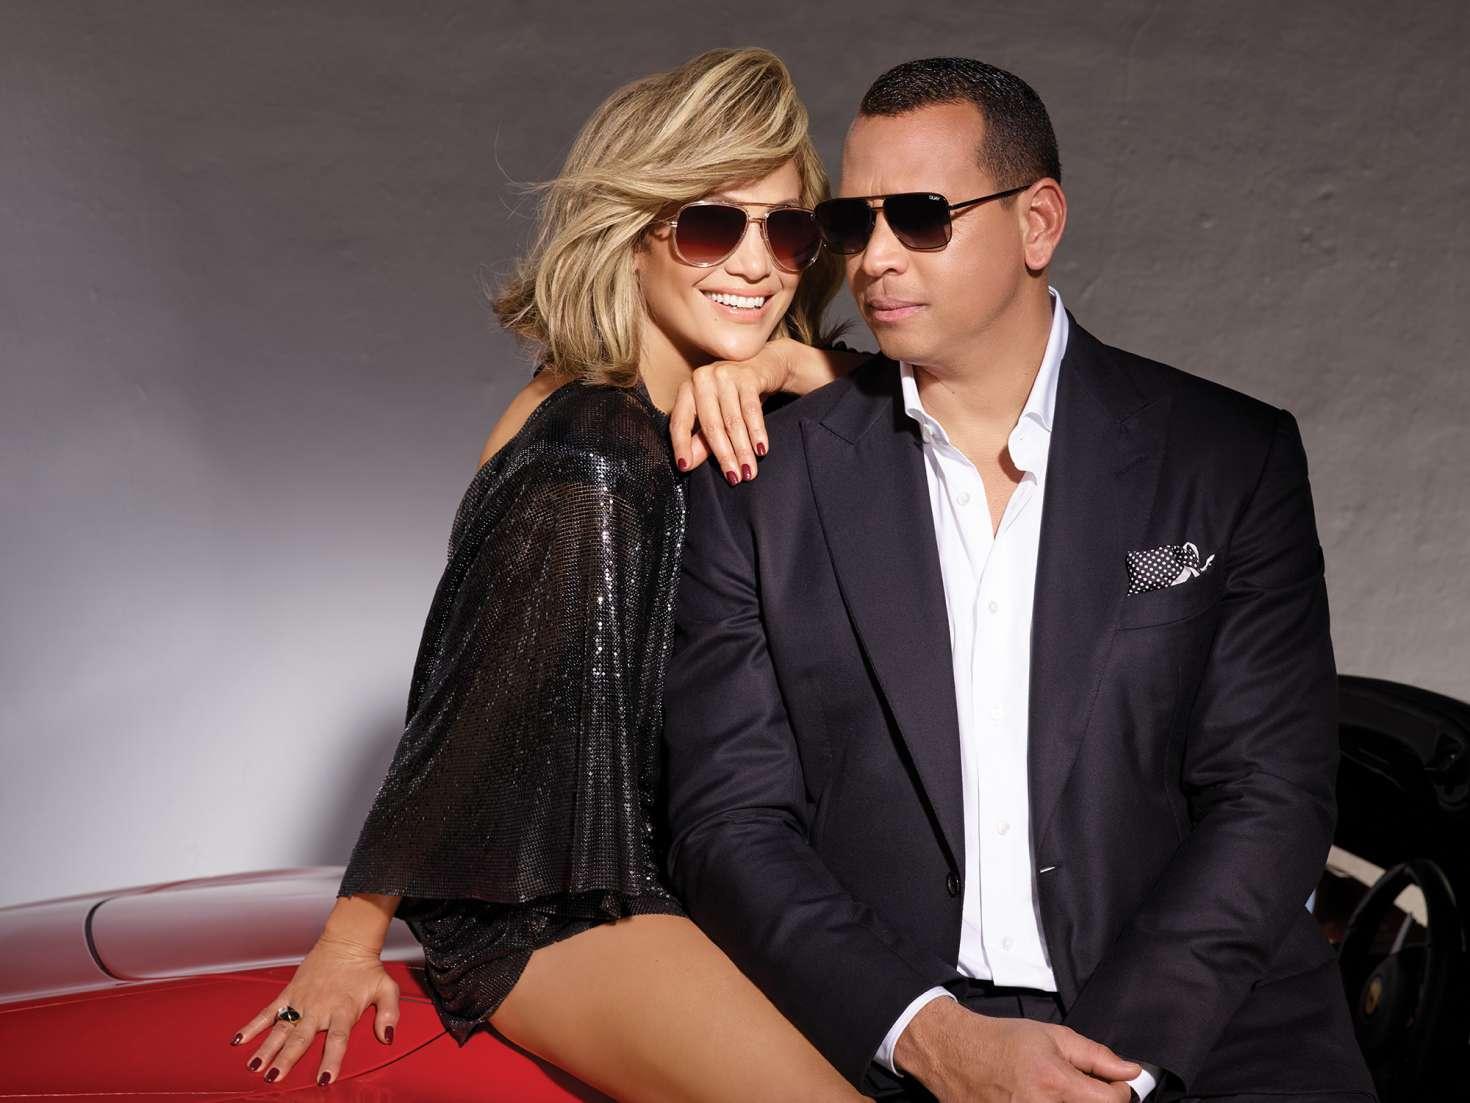 Jennifer Lopez 2019 : Jennifer Lopez: QUAY x JLO AND AROD Campaign 2019 -05